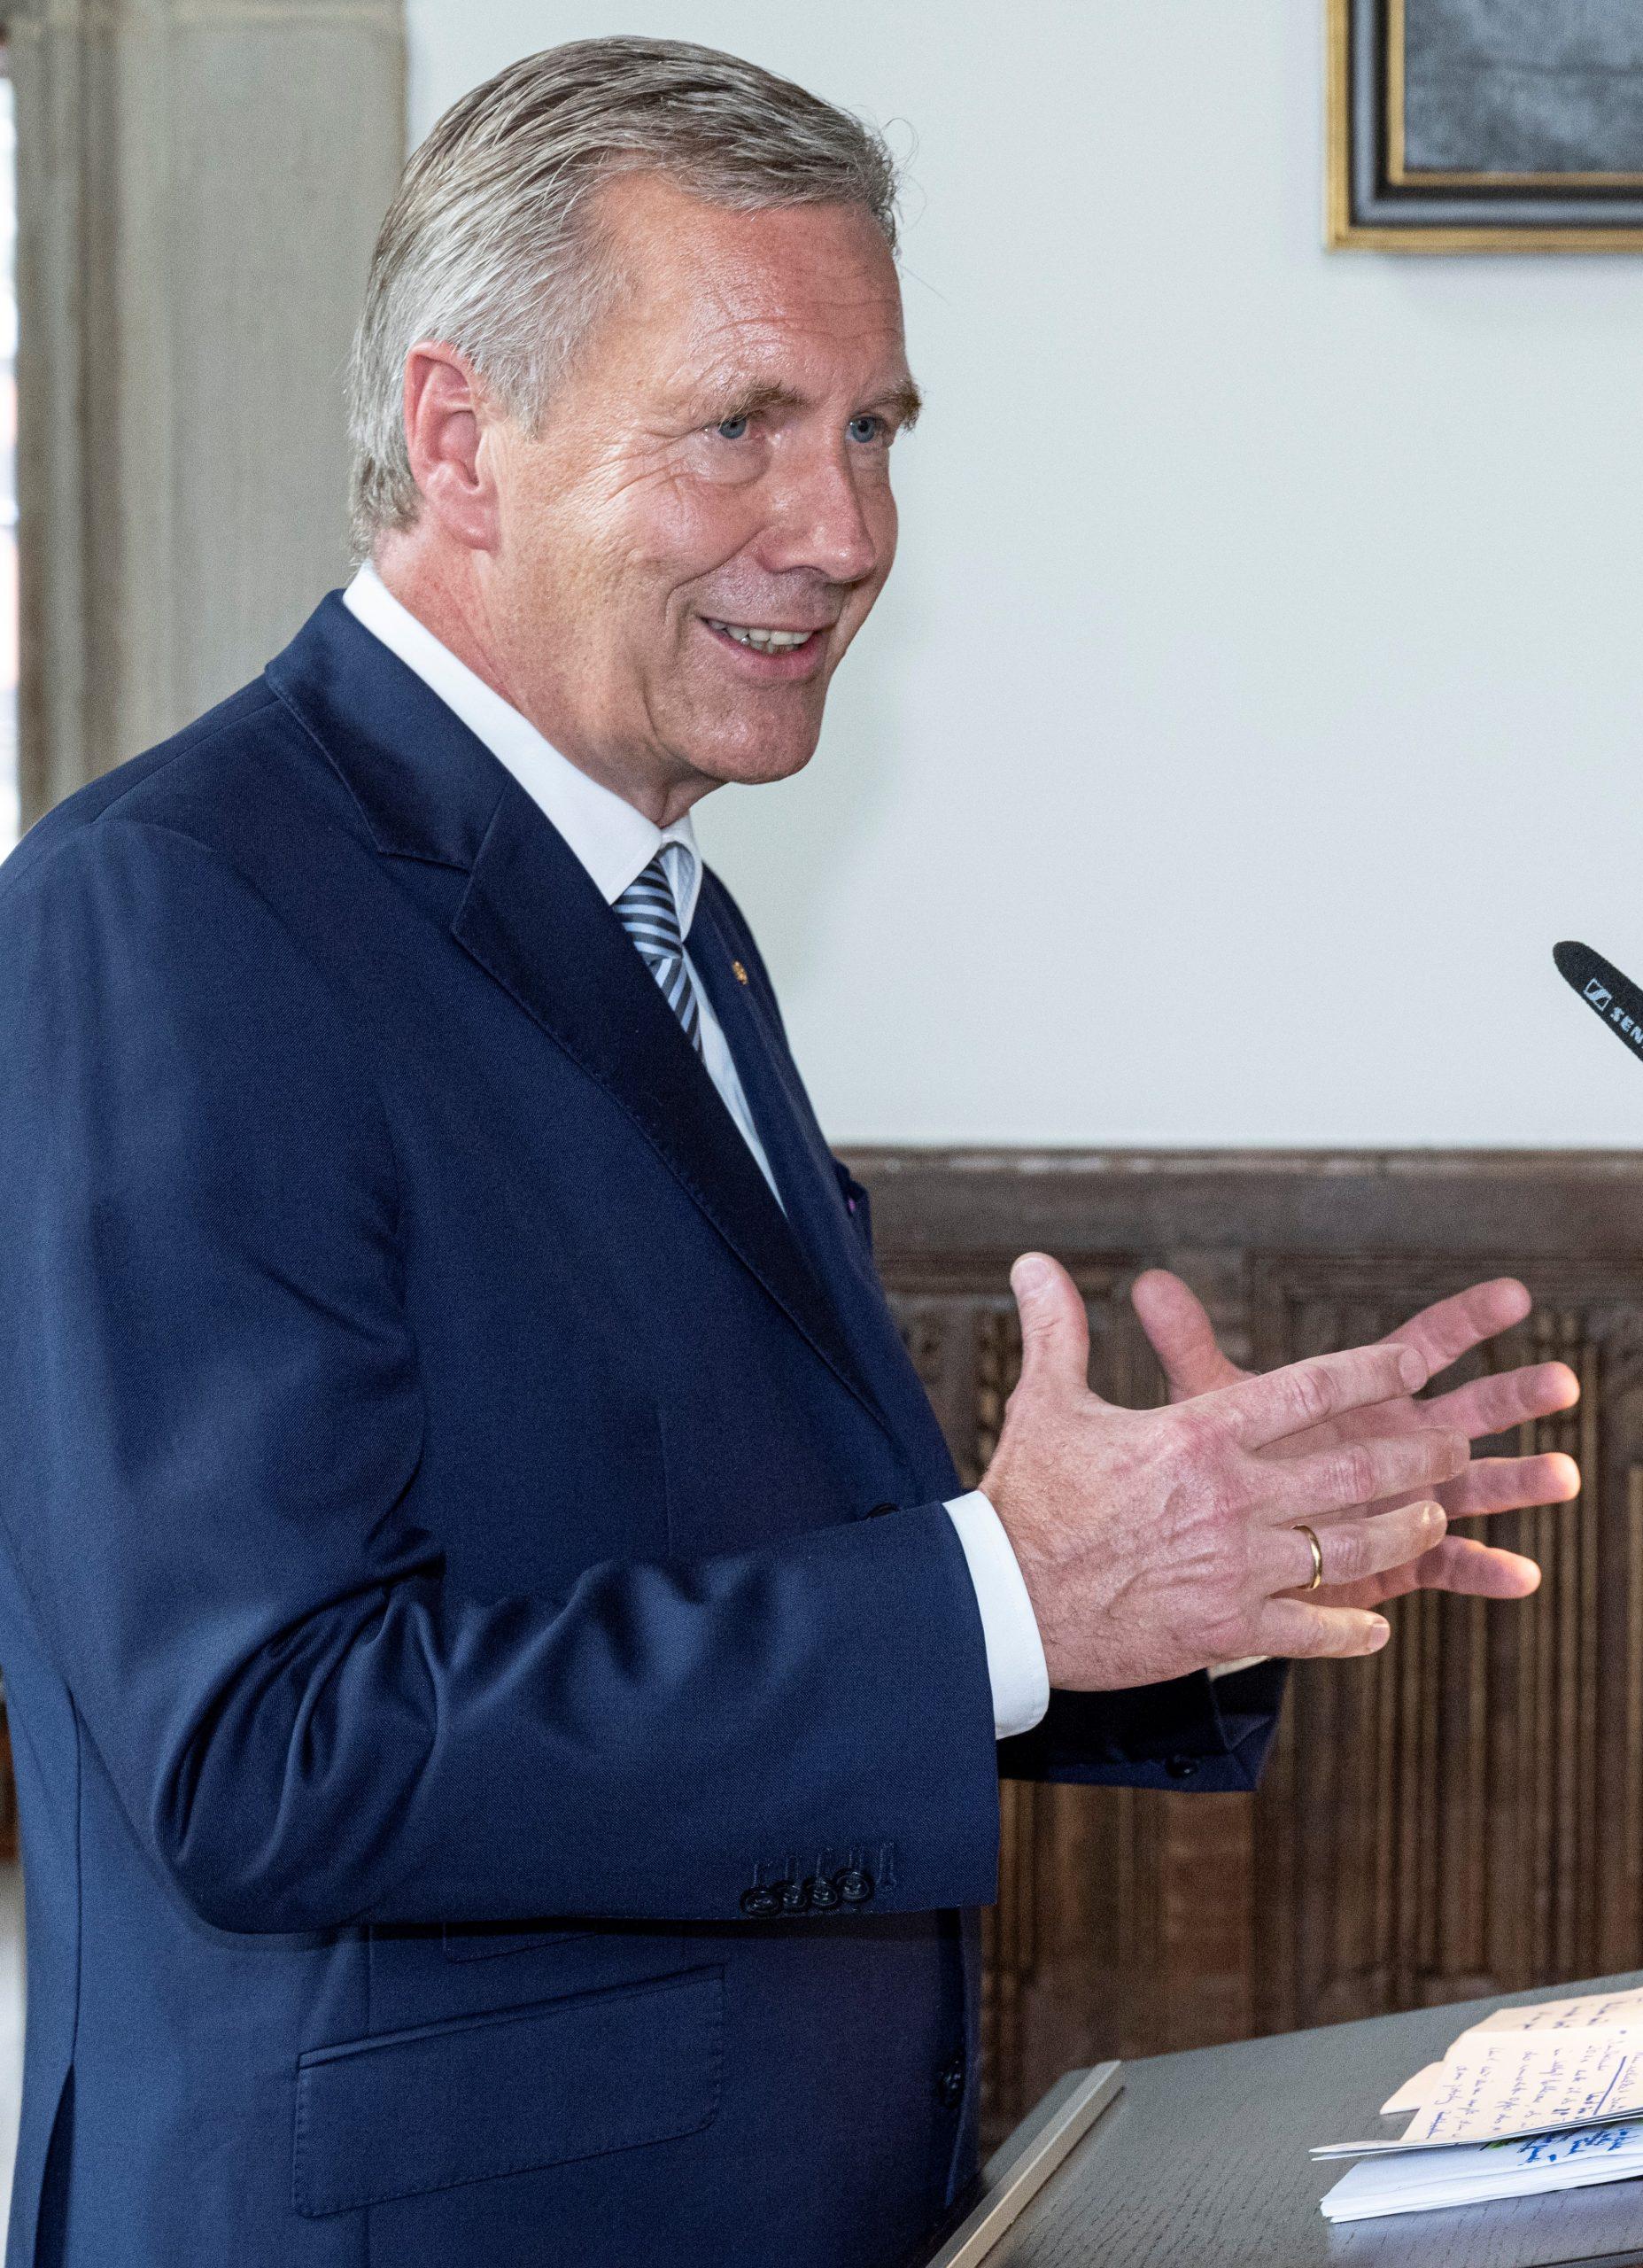 Bundespräsident a.D. Christian Wulff am Rednerpult